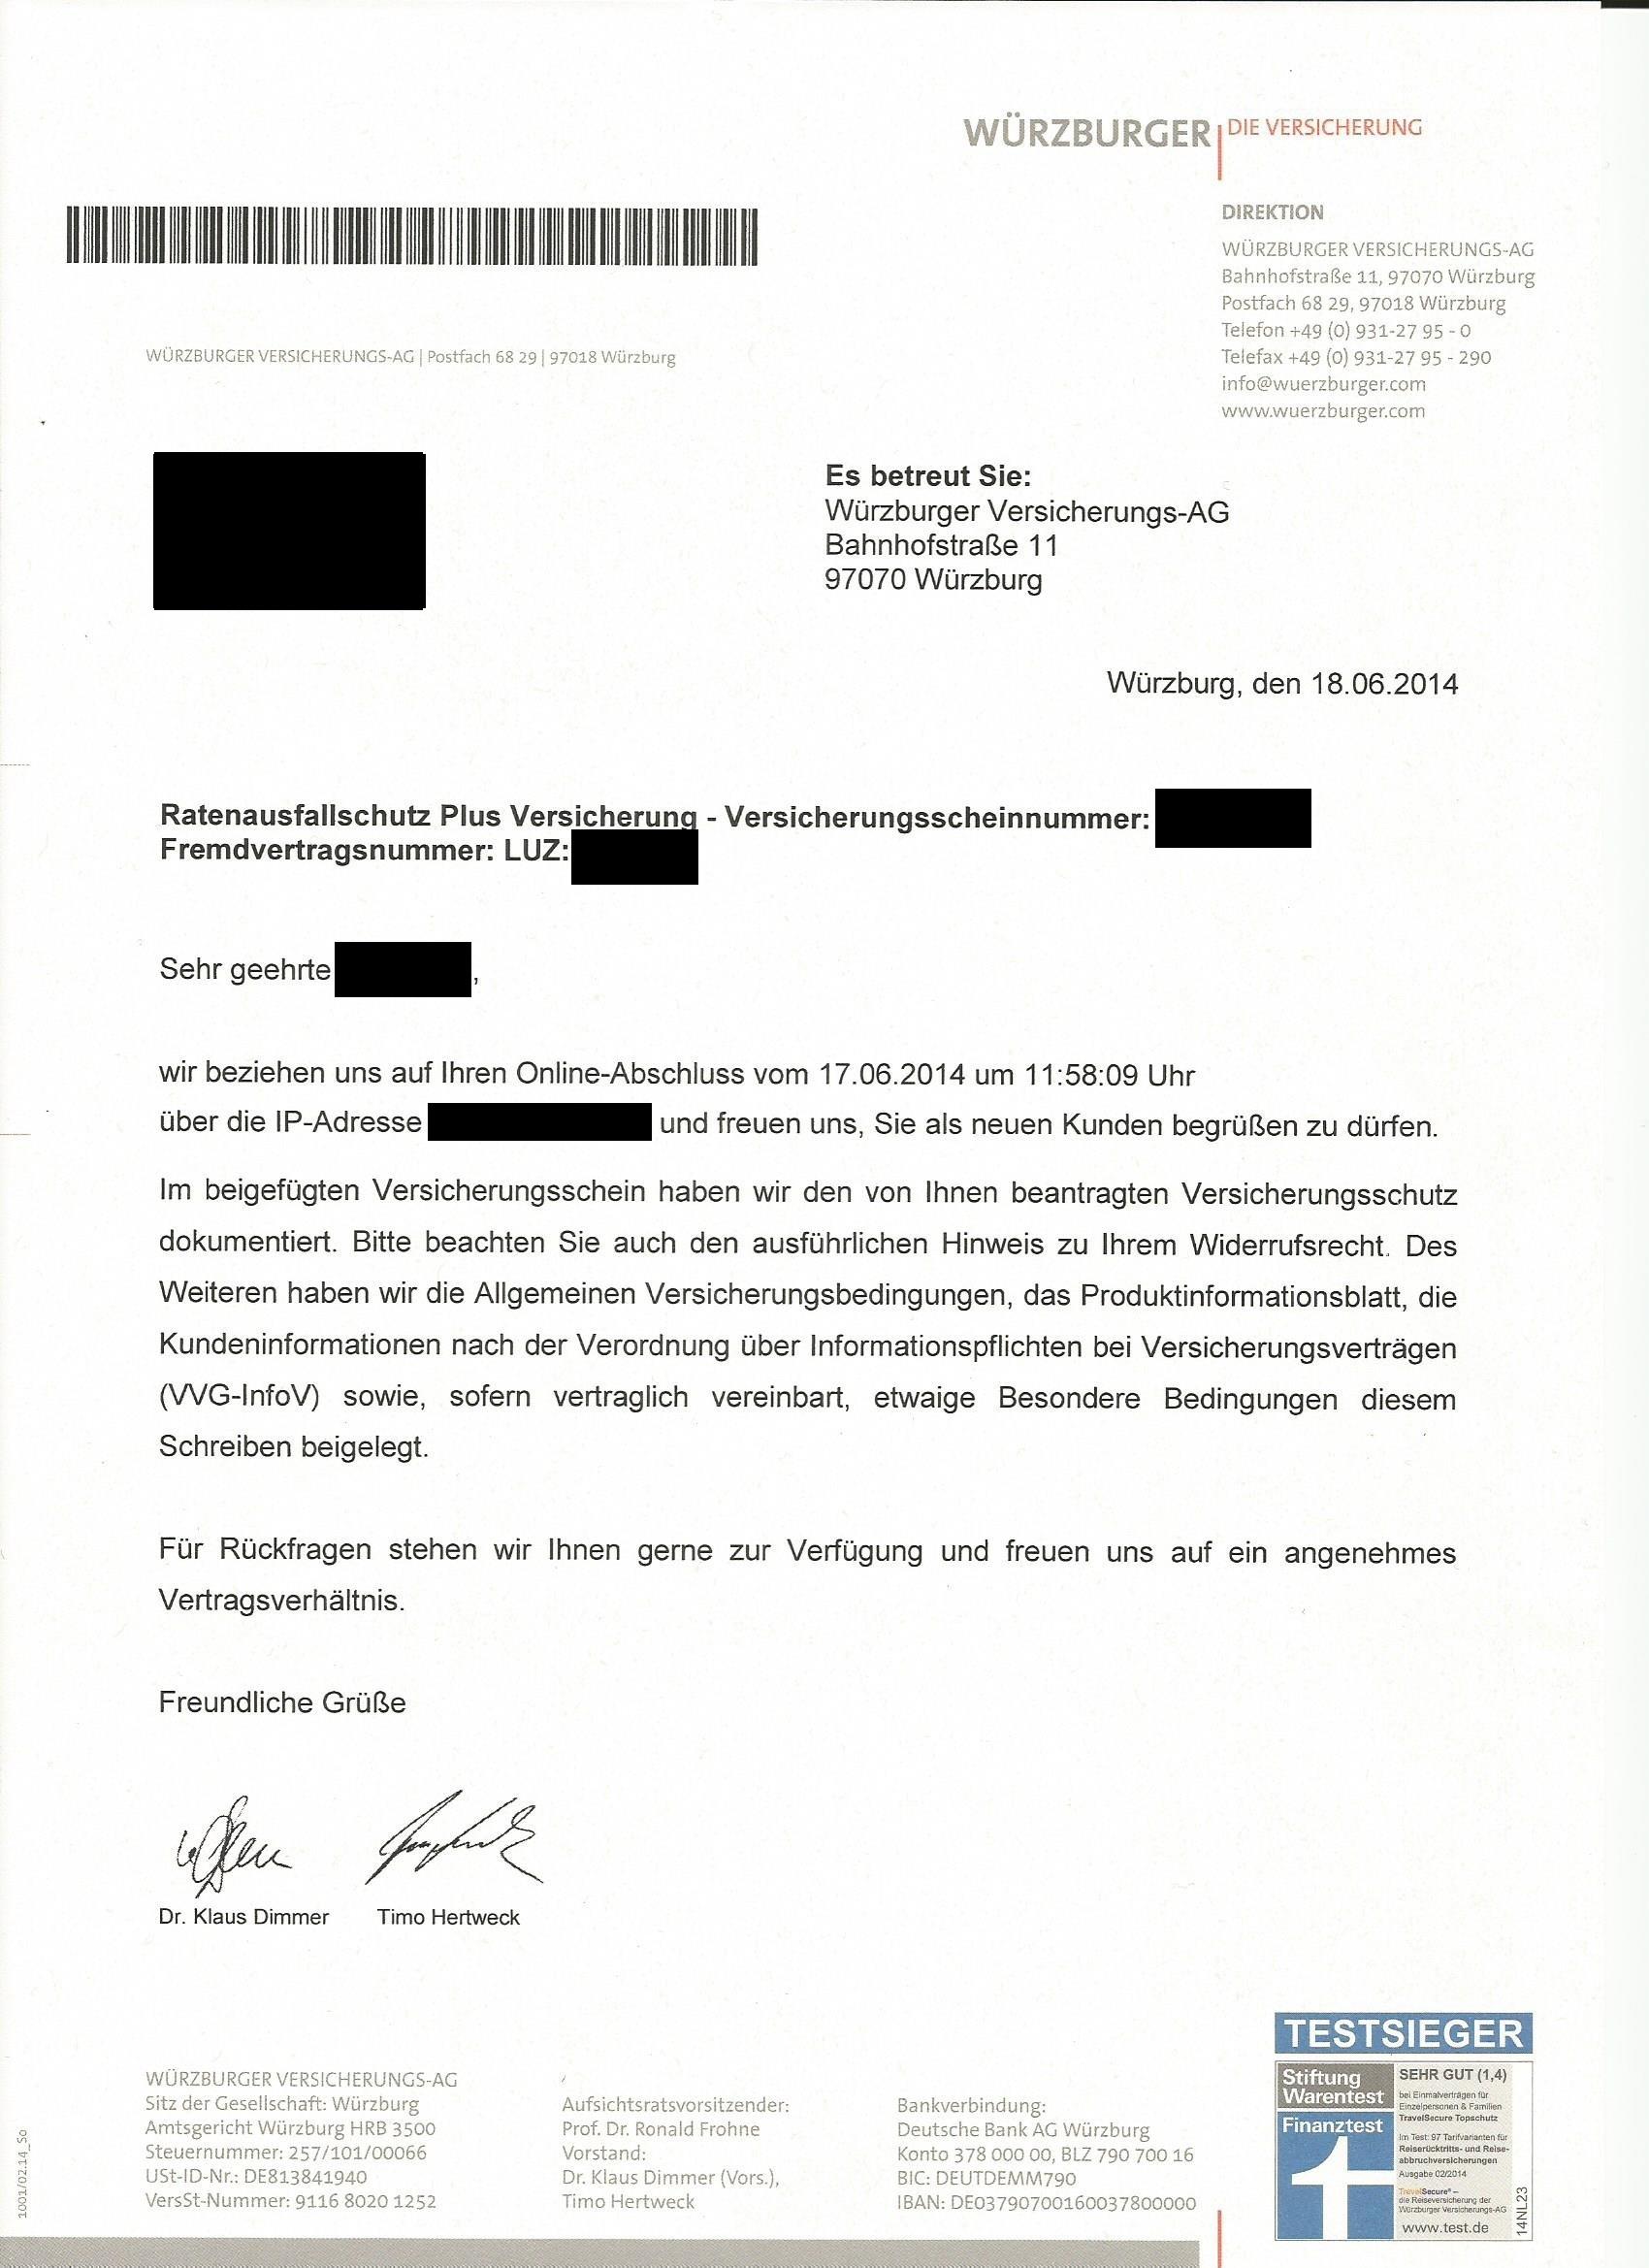 Betrug durch Luzern-Finanz und Würzburger Versicherungs-AG  (versicherungsschutz, Kreditanfrage)